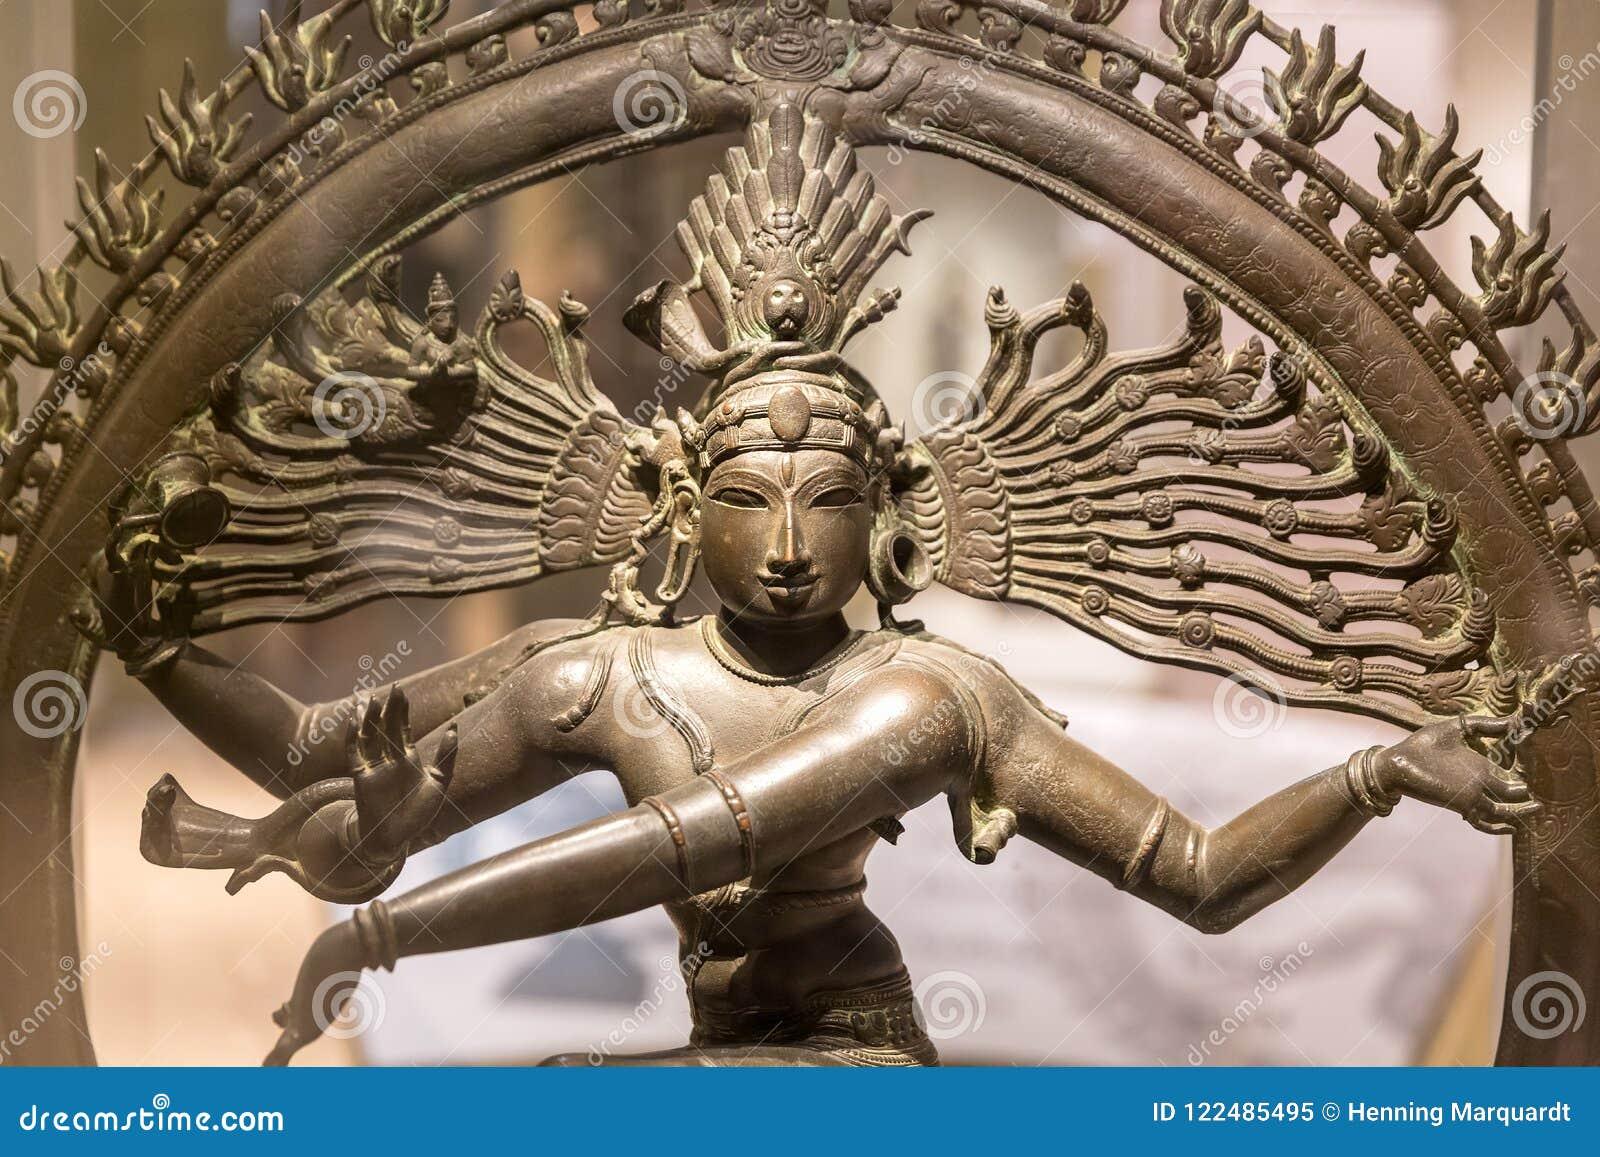 Escultura de Nataraja, senhor da dança, Nova Deli, Índia